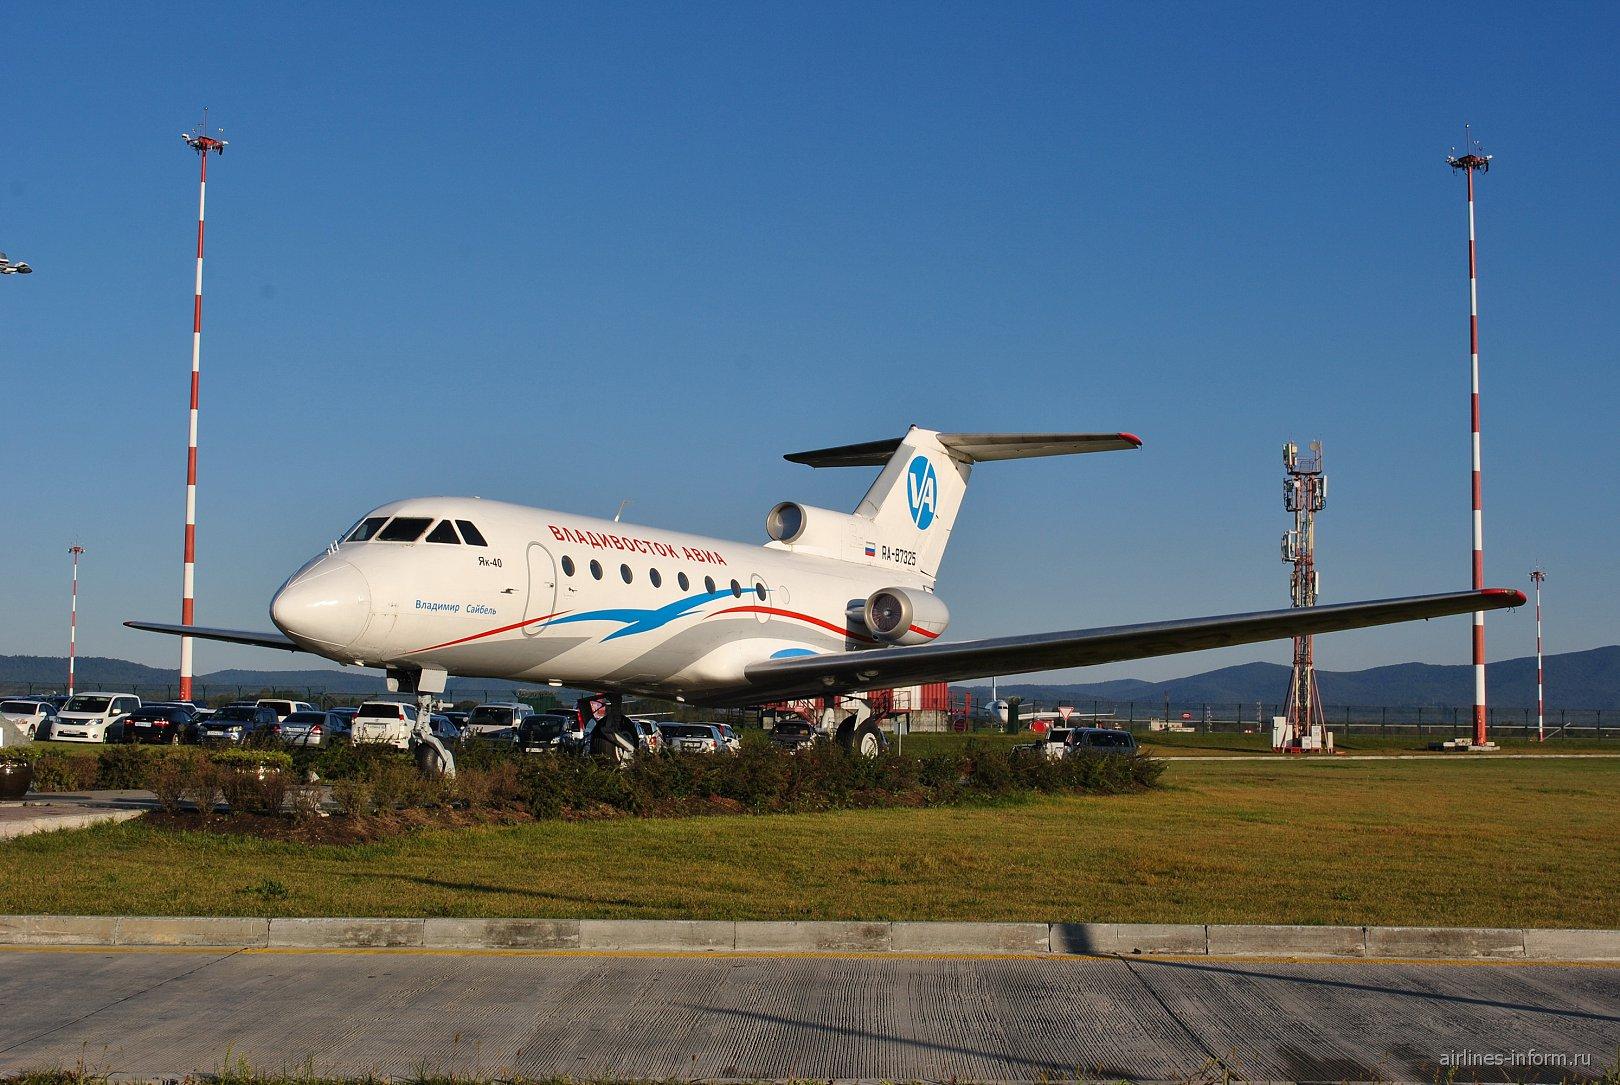 Самолет-памятник Як-40 в аэропорту Владивосток